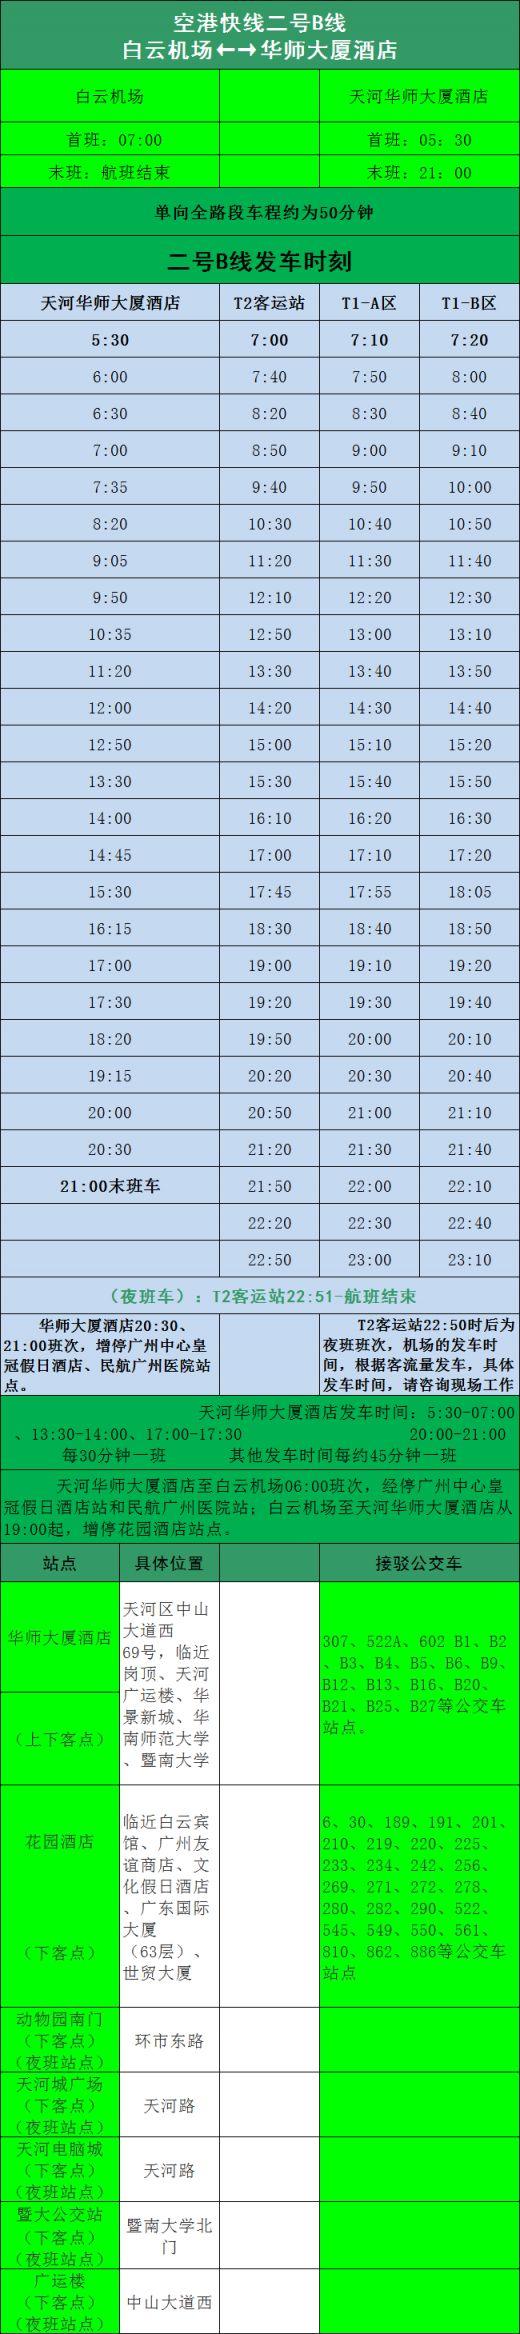 2018广州空港快线2b号线时刻表一览